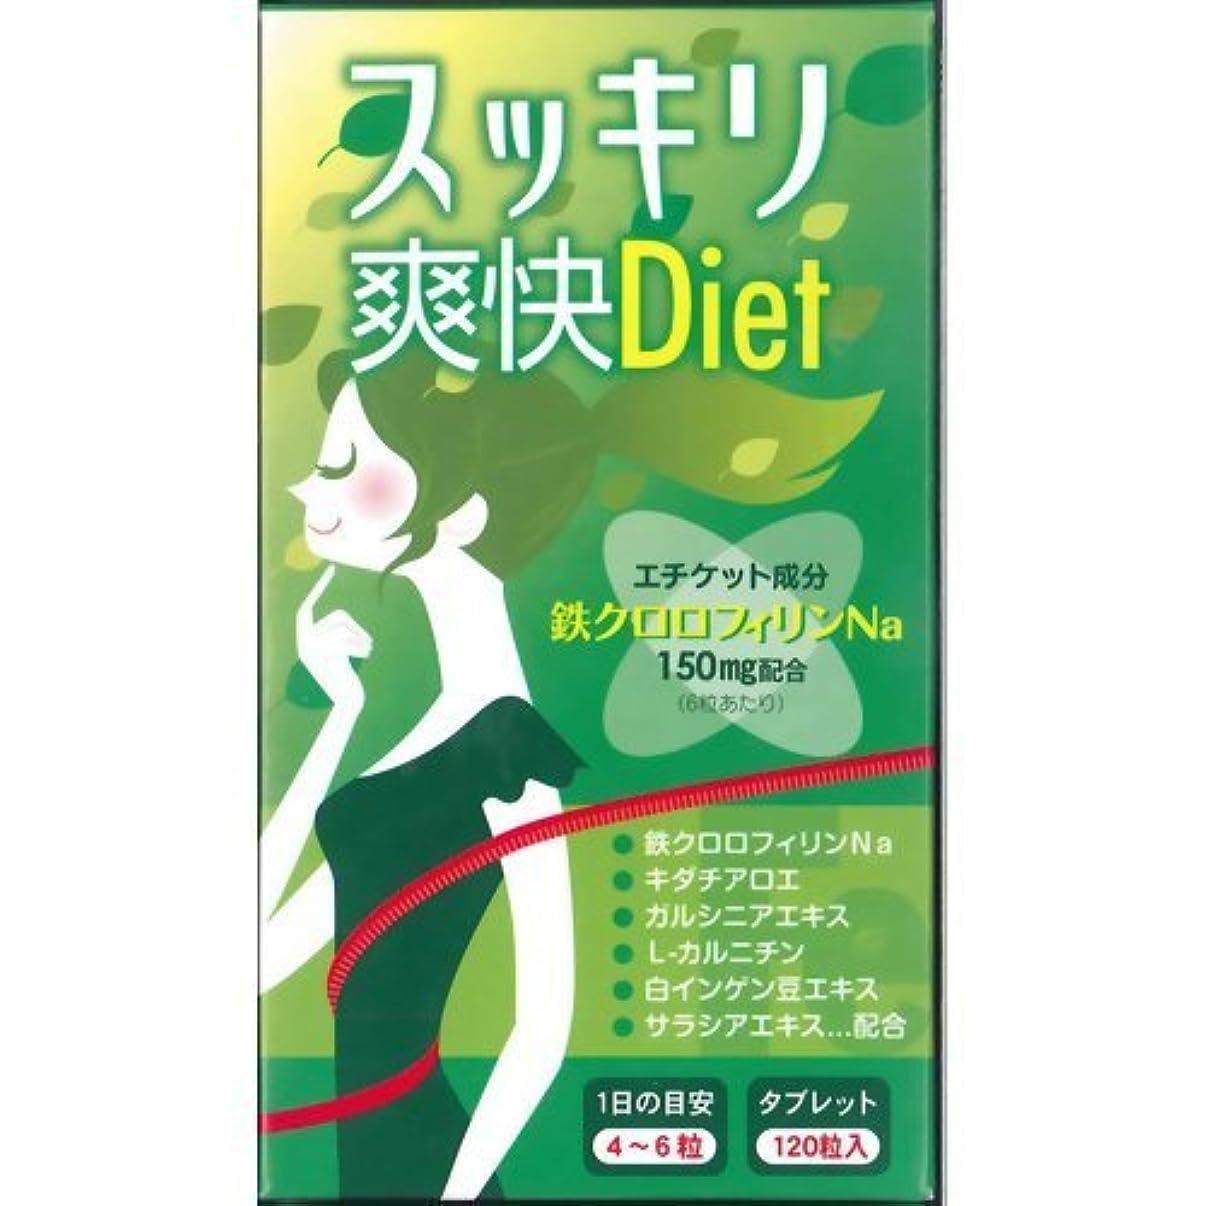 アダルトストリップスペアスッキリ爽快Diet